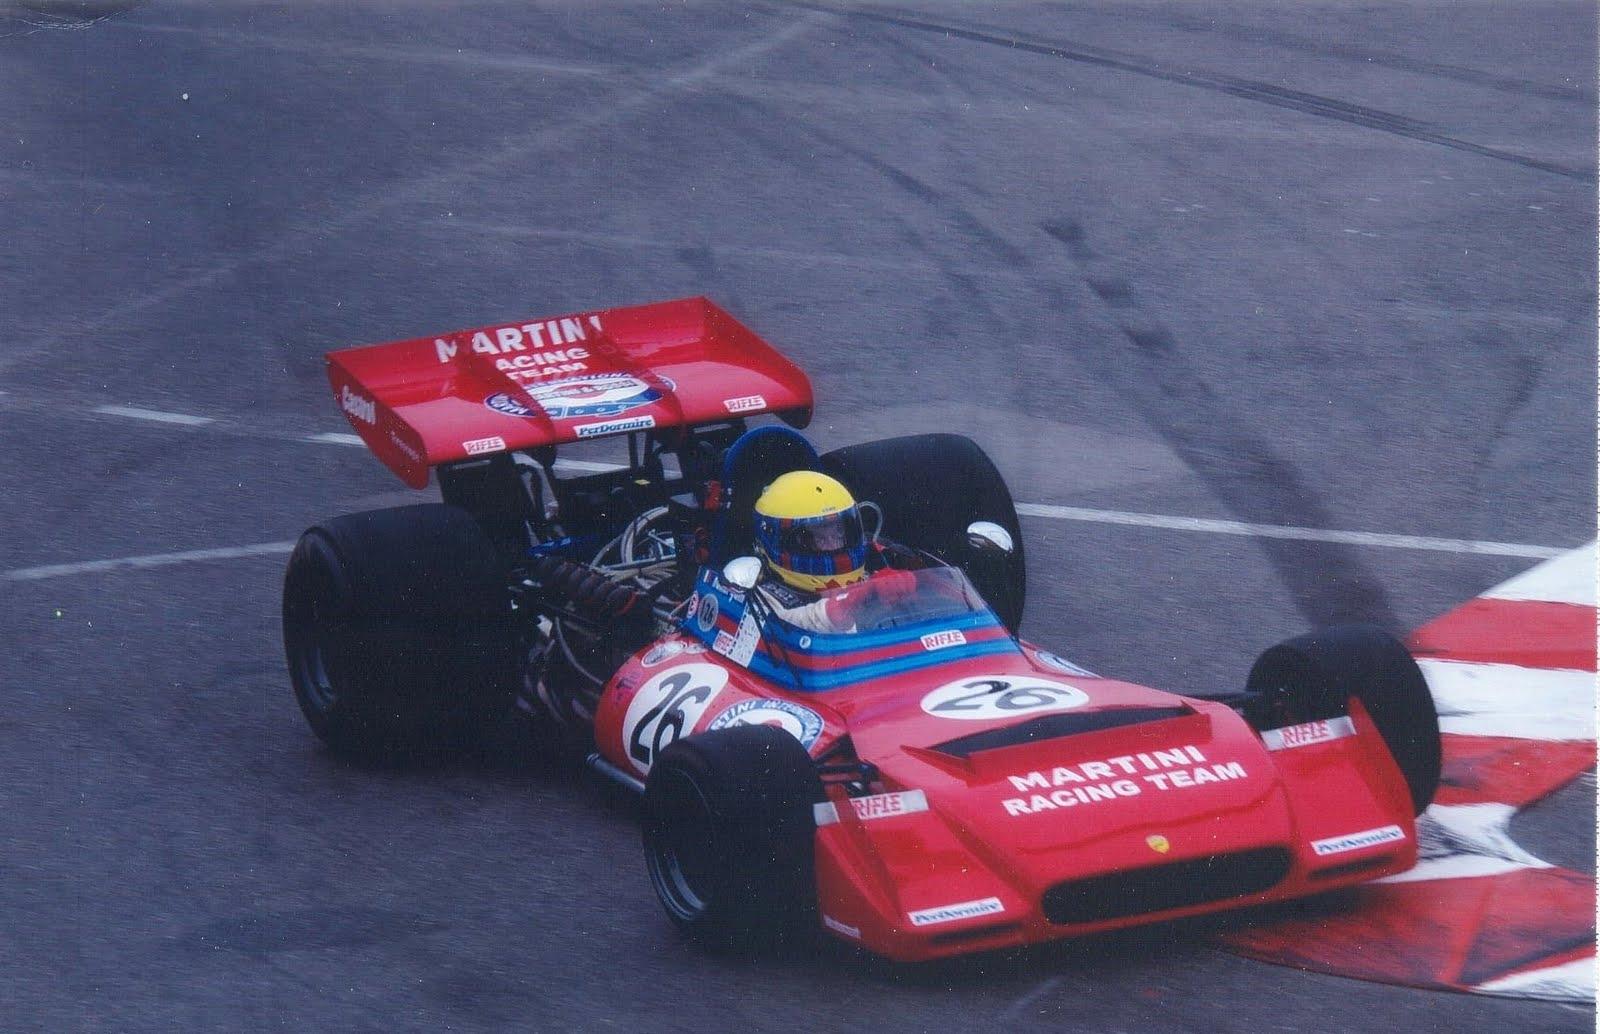 Anche una Formula Uno al via della Salita al Passo della Foce